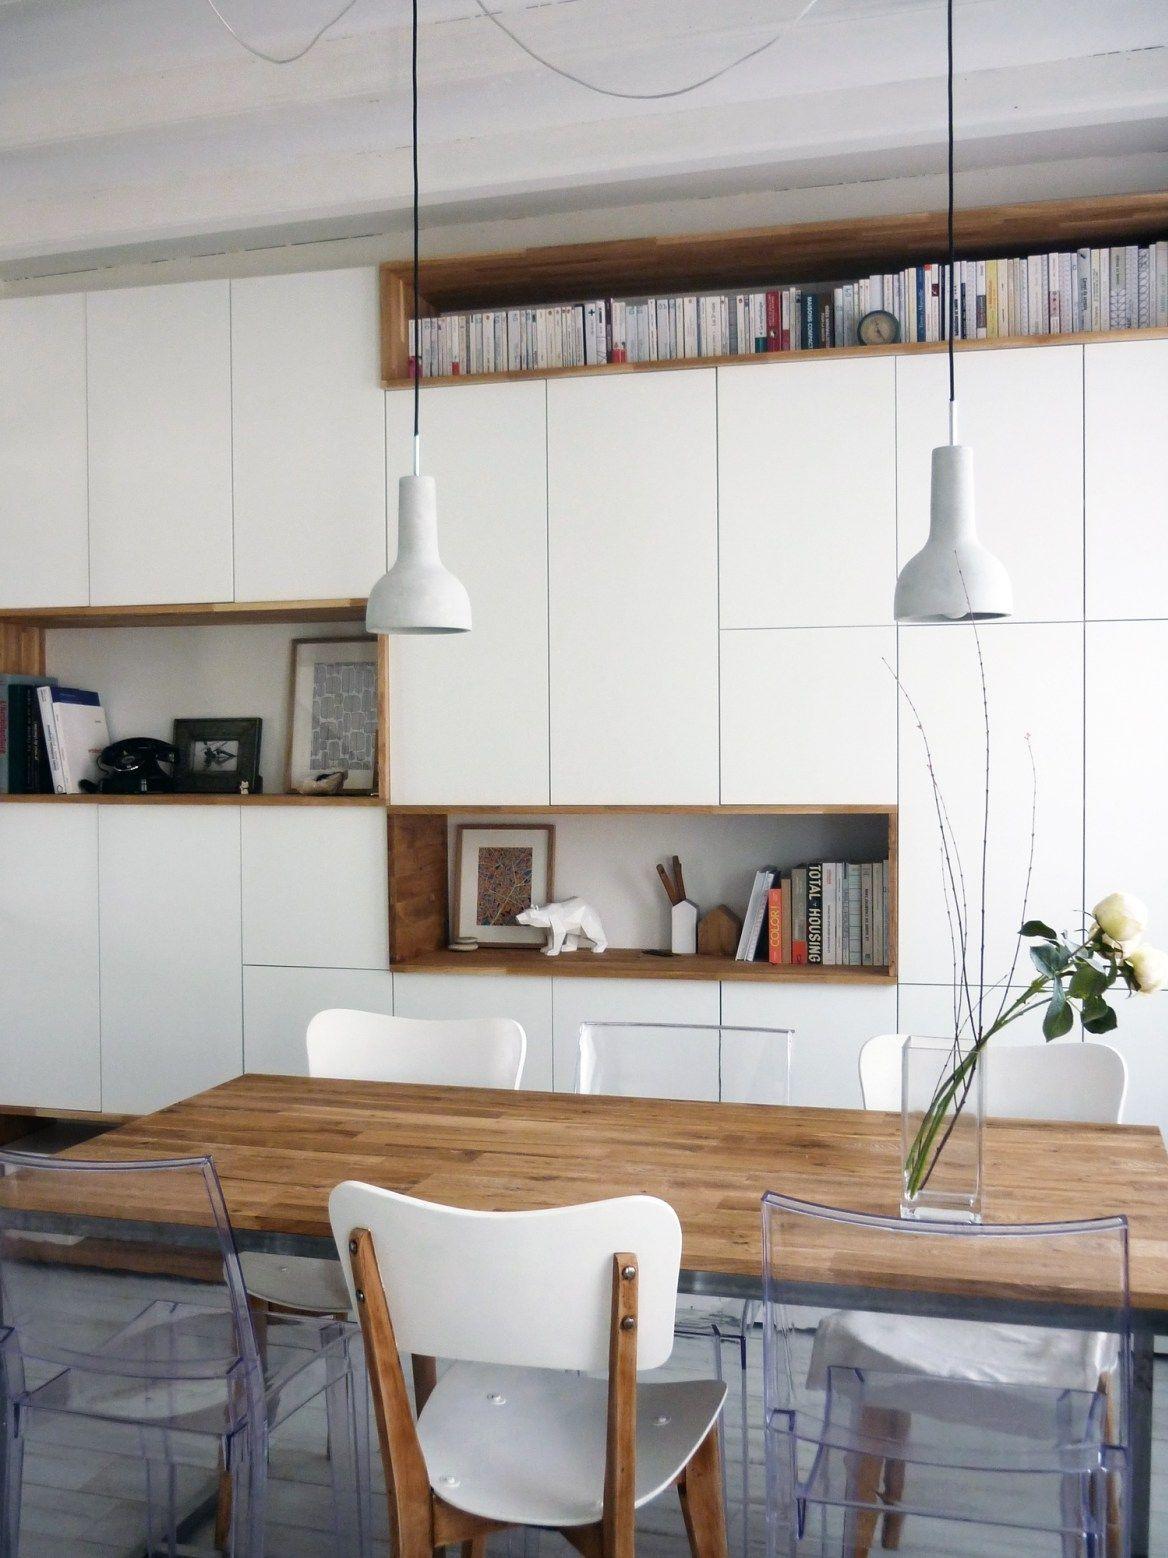 mur rangements blanc bois scandinave l ments de cuisine. Black Bedroom Furniture Sets. Home Design Ideas